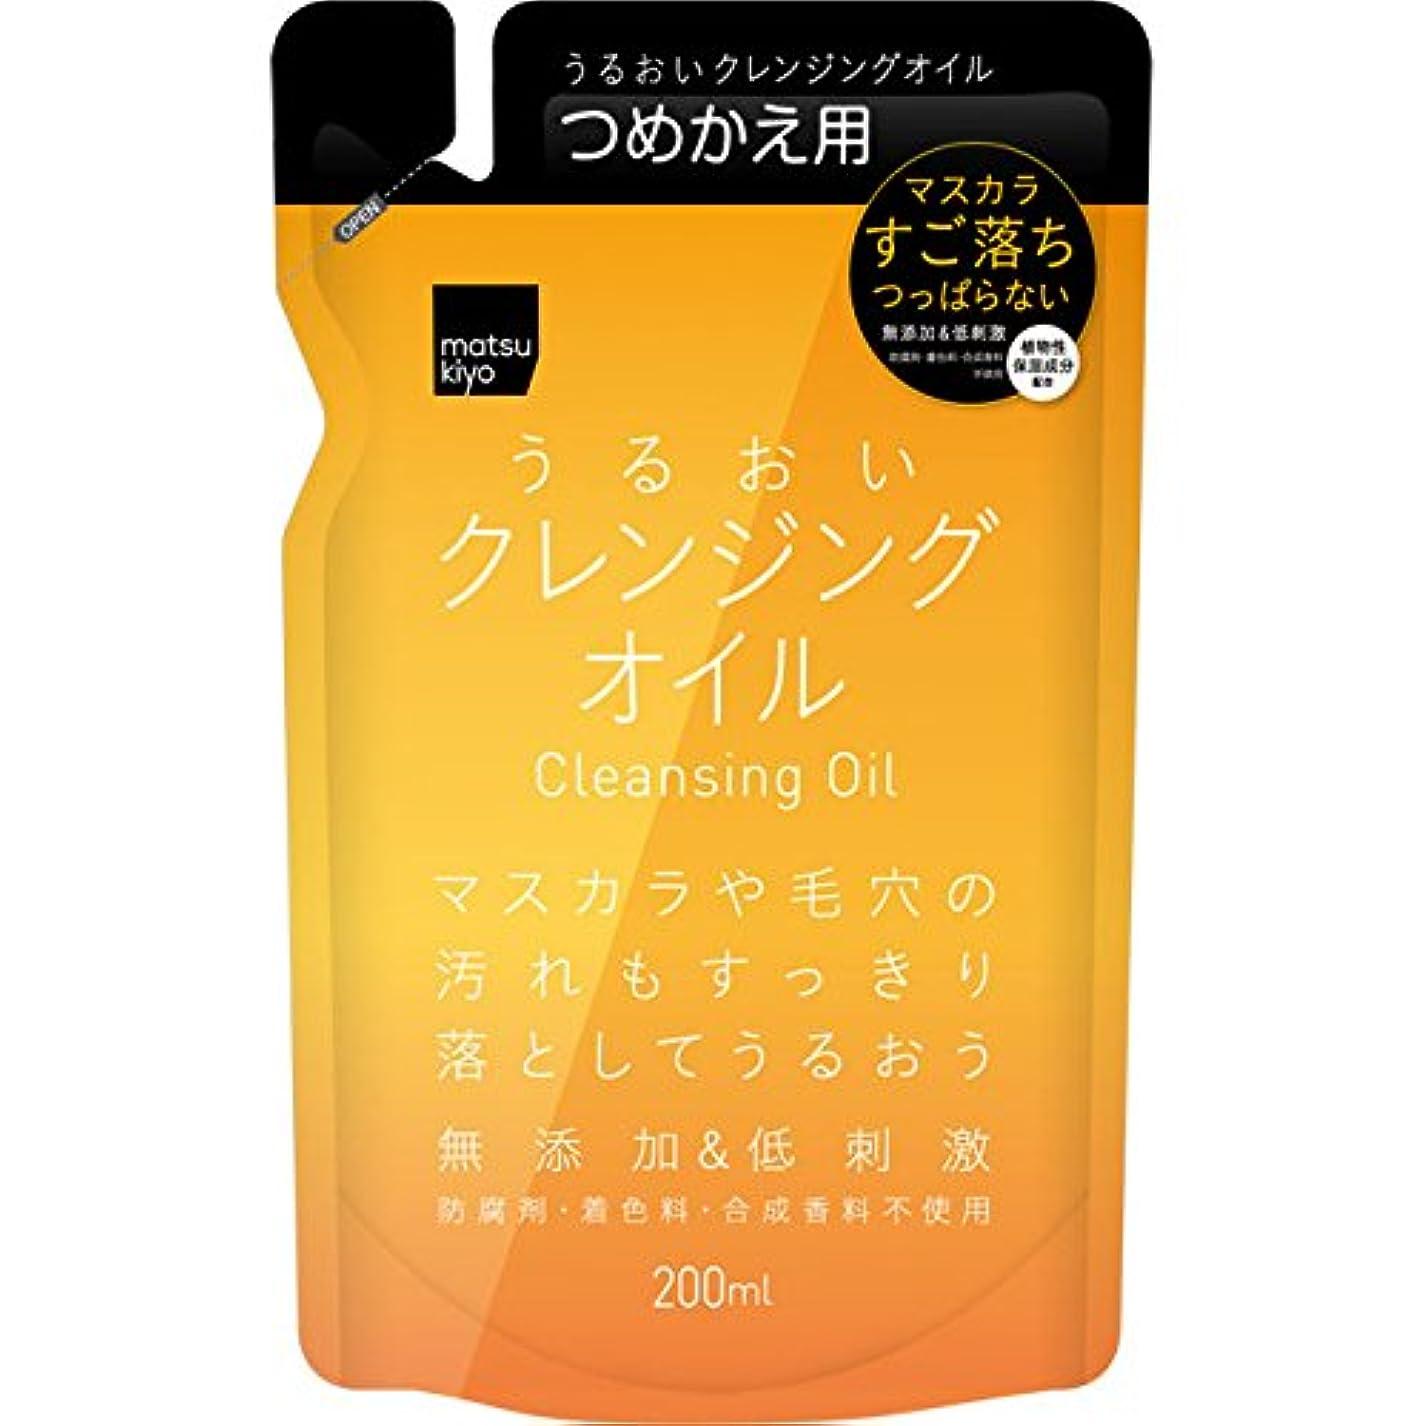 グローブ春悪性腫瘍matsukiyo うるおいクレンジングオイル 詰替 200ml詰替